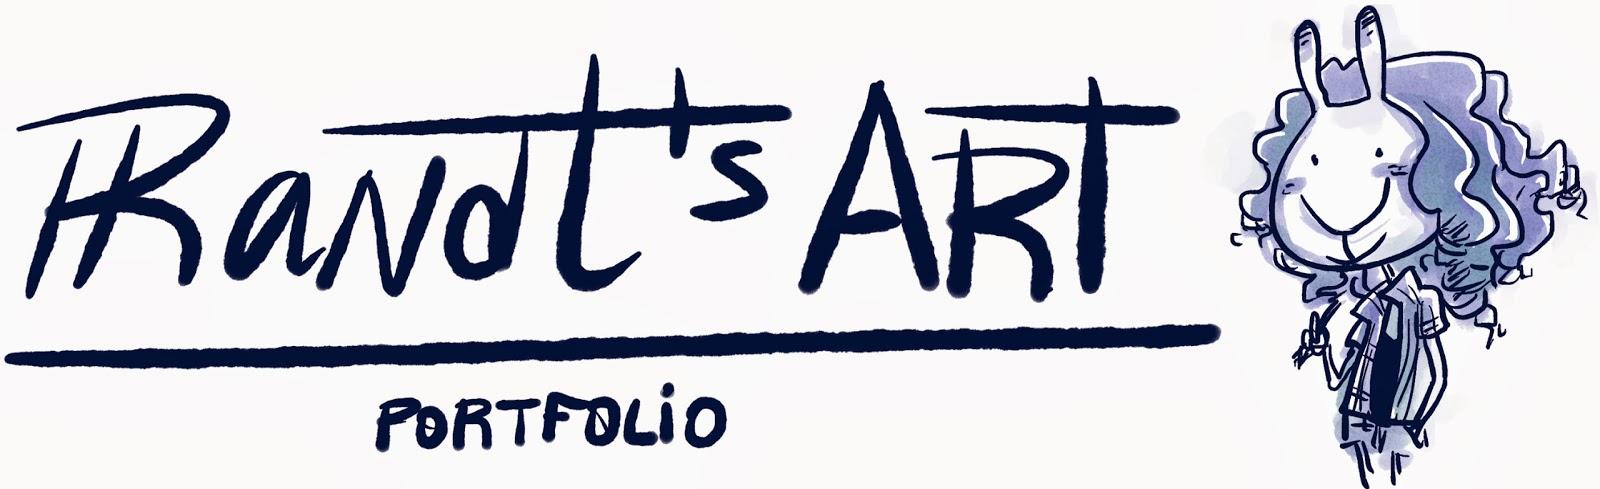 http://randt-art.tumblr.com/